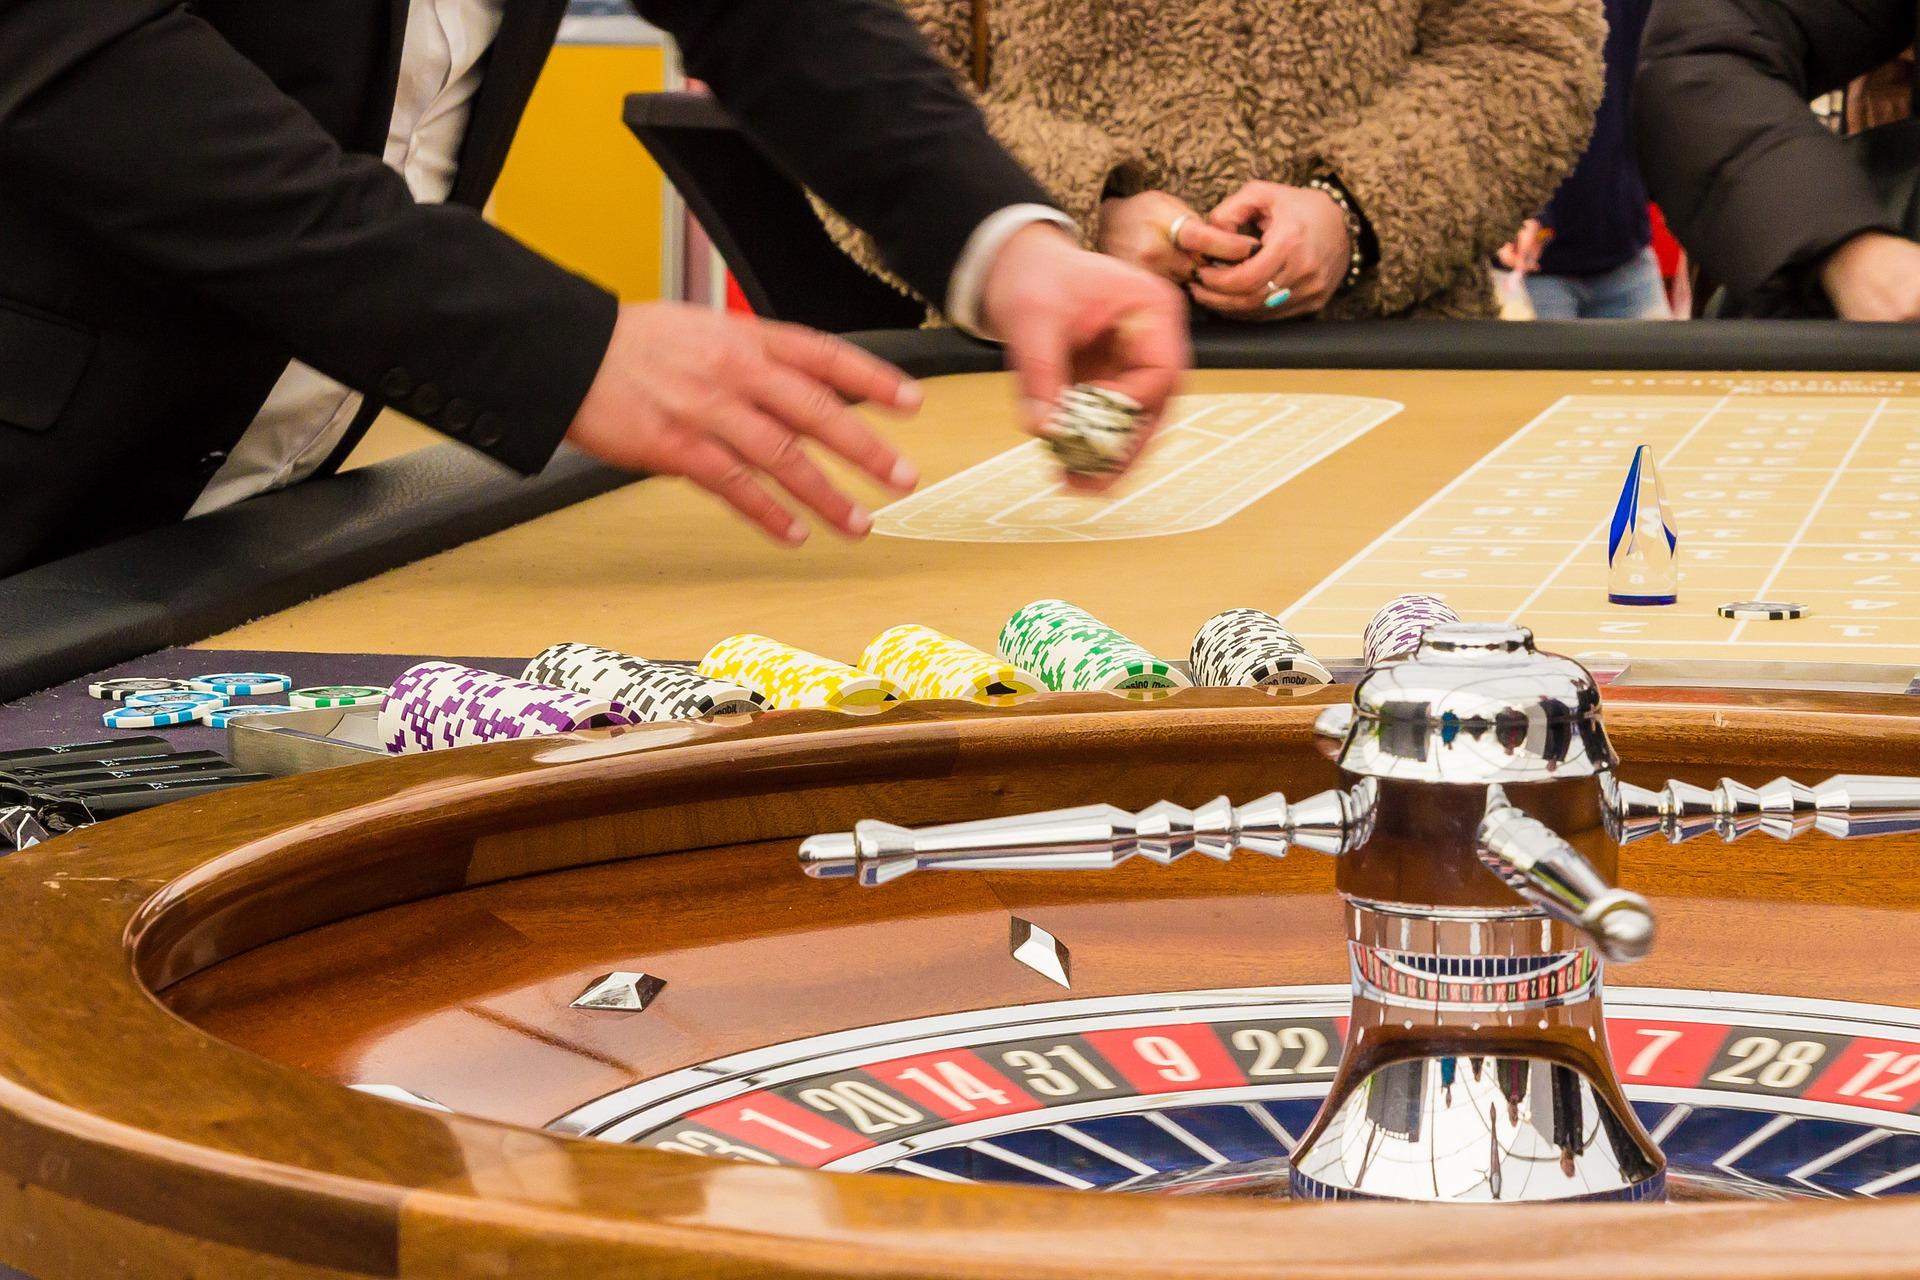 Lån penge nu til en tur på casino